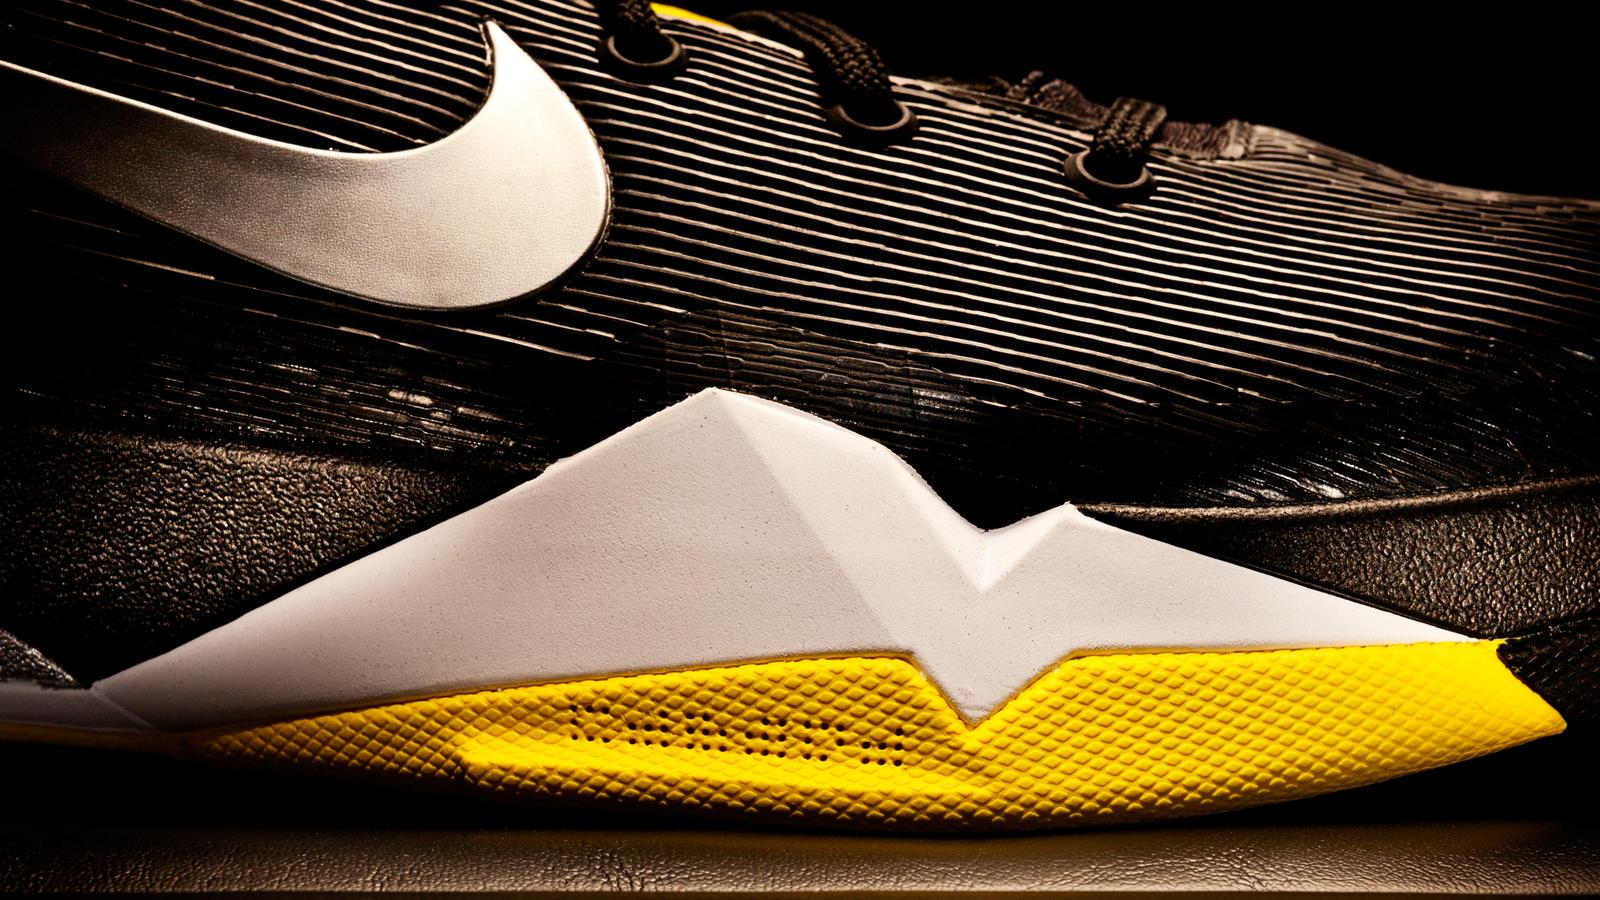 Nike Kobe Vii System Supreme Nike Kobe 7 System  fcebf3c13ae4